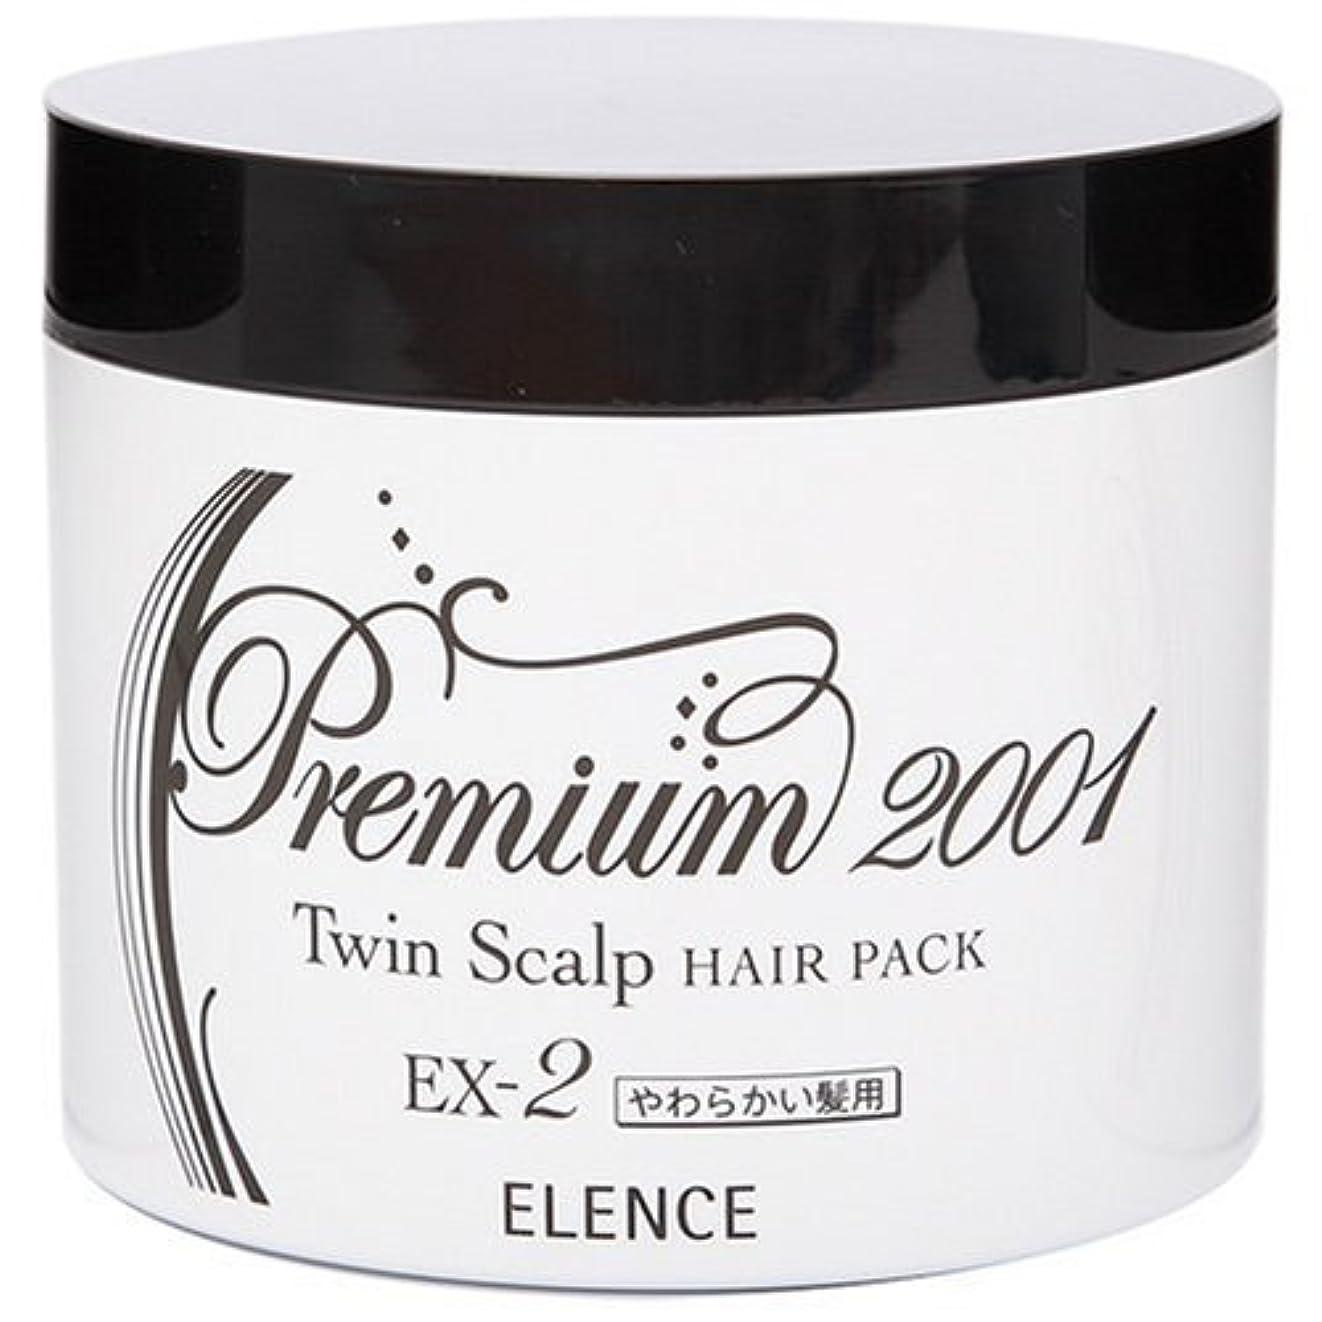 サーマル製造決してエレンス2001 ツインスキャルプヘアパックEX-2(やわらかい髪用)